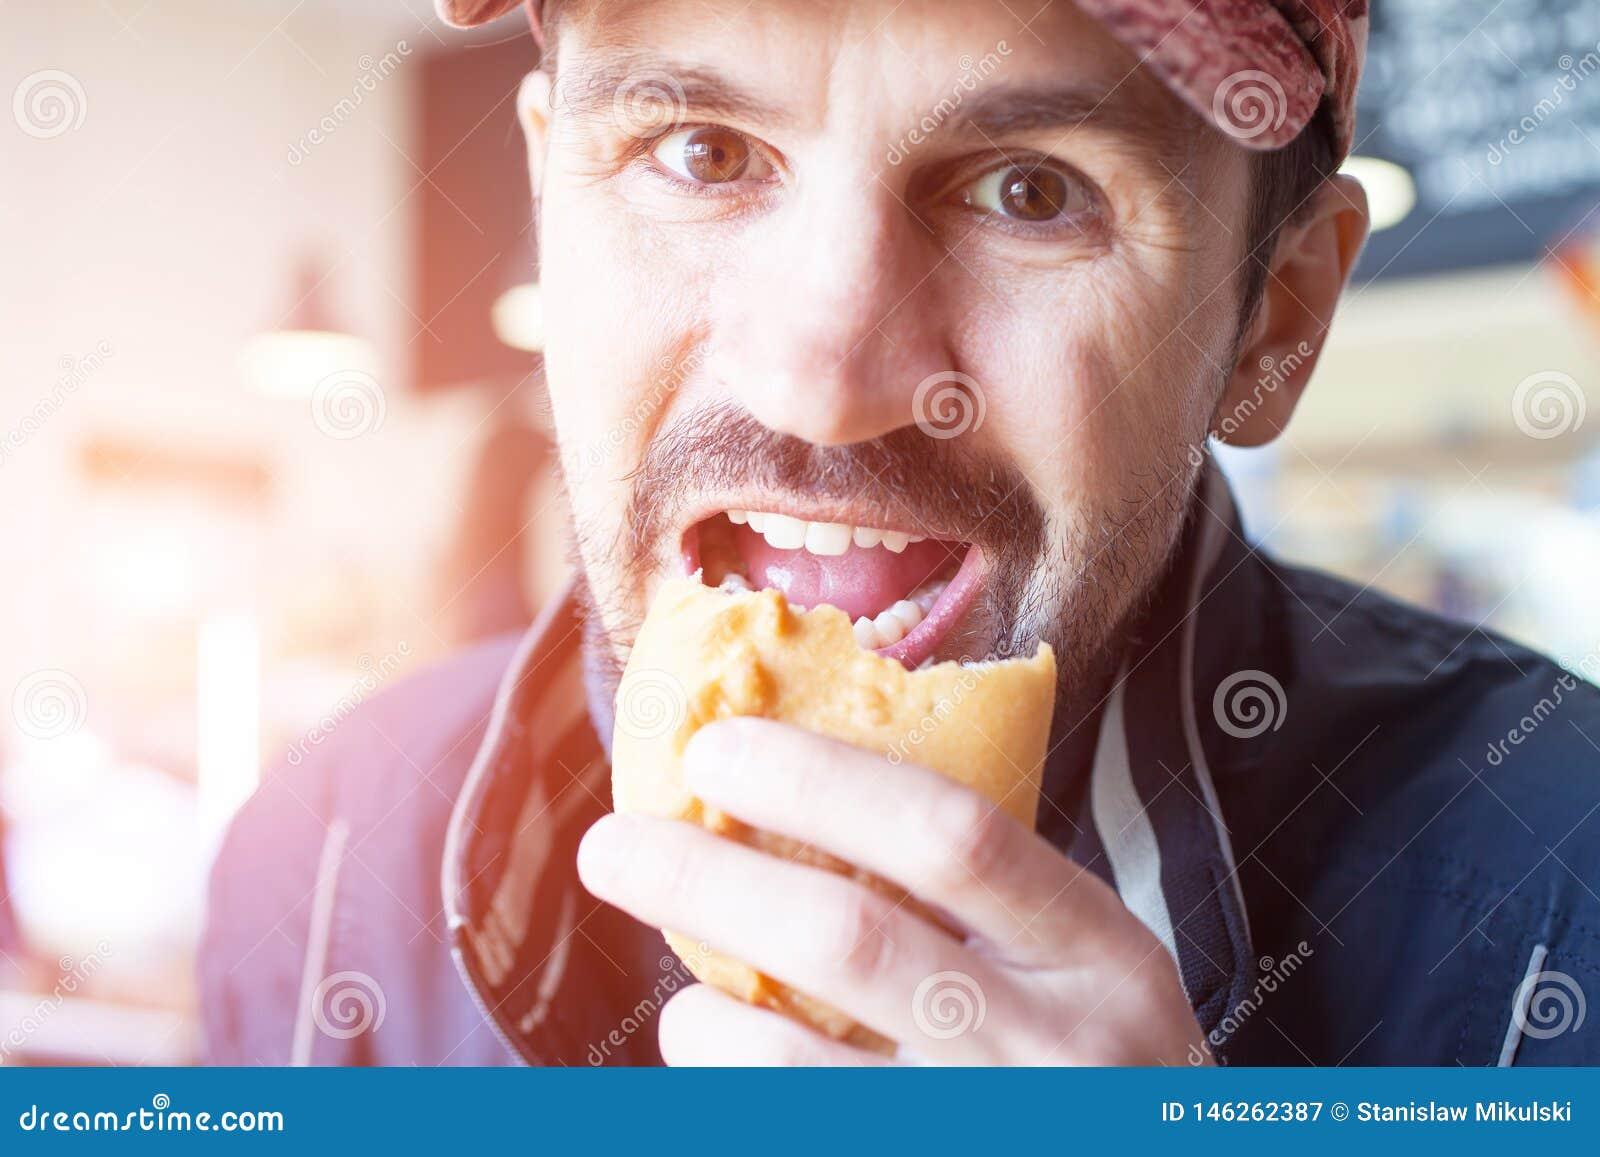 O homem come uma torta em um jantar de borda da estrada